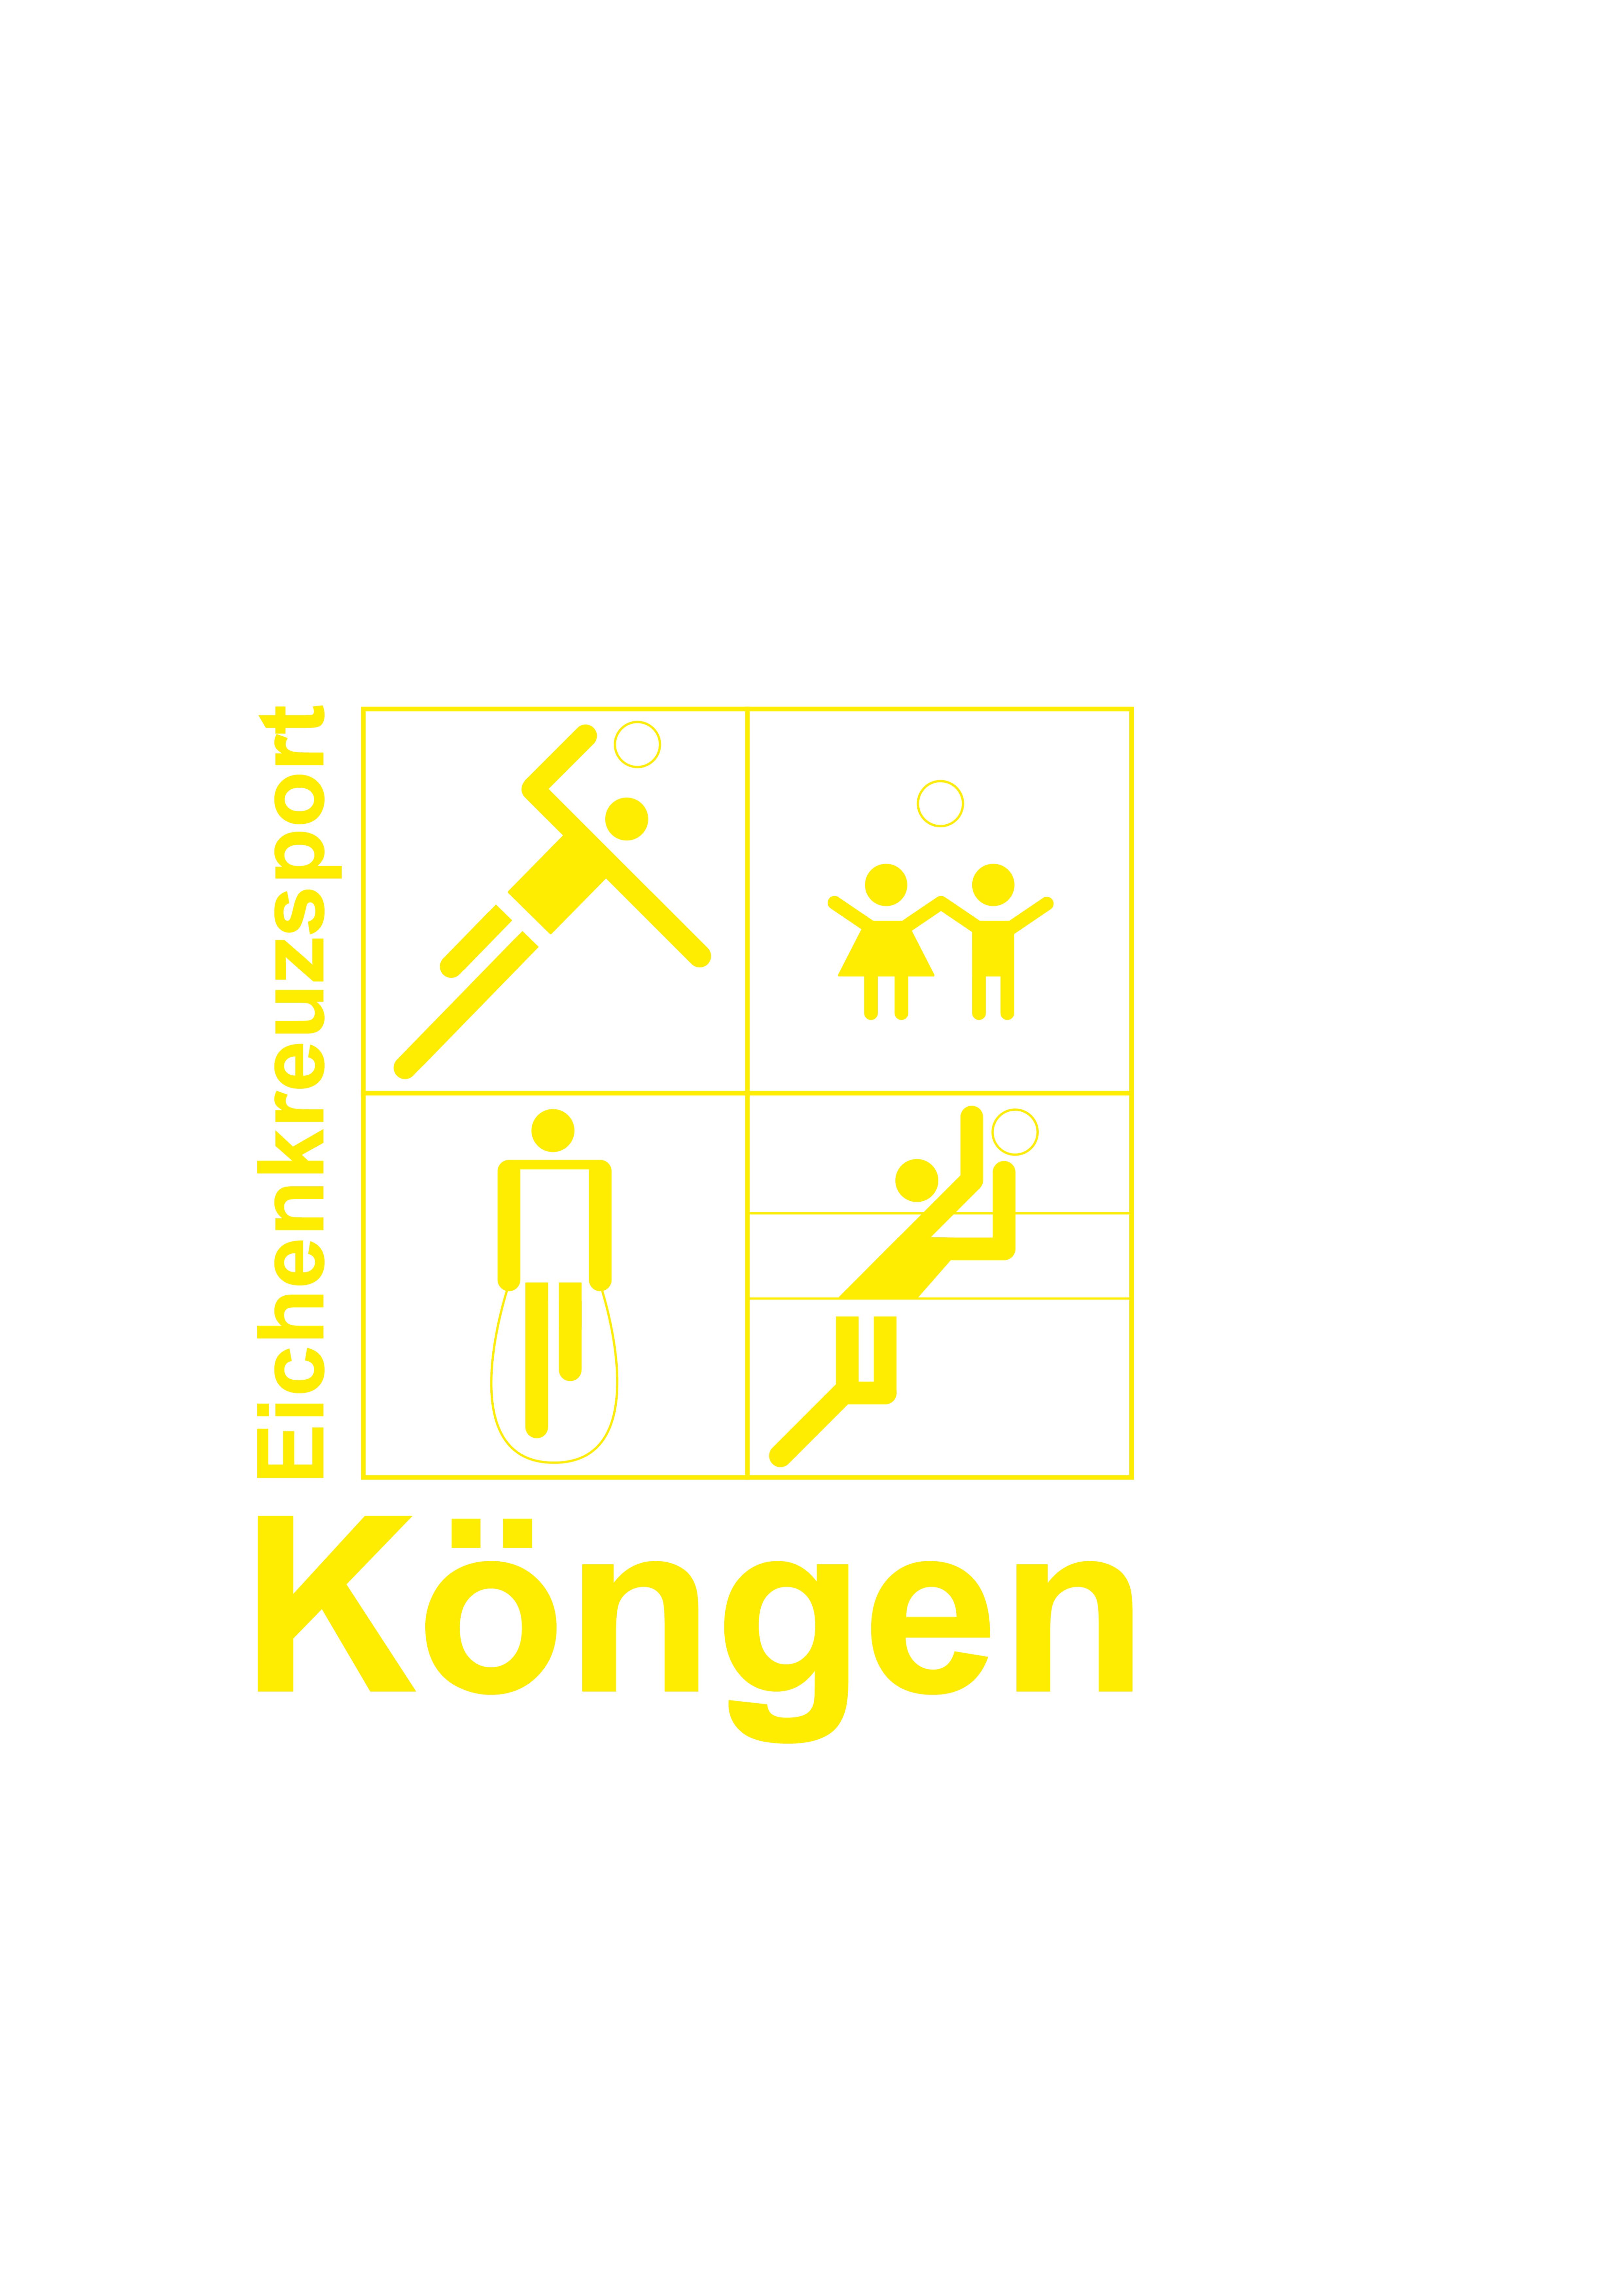 EK Köngen